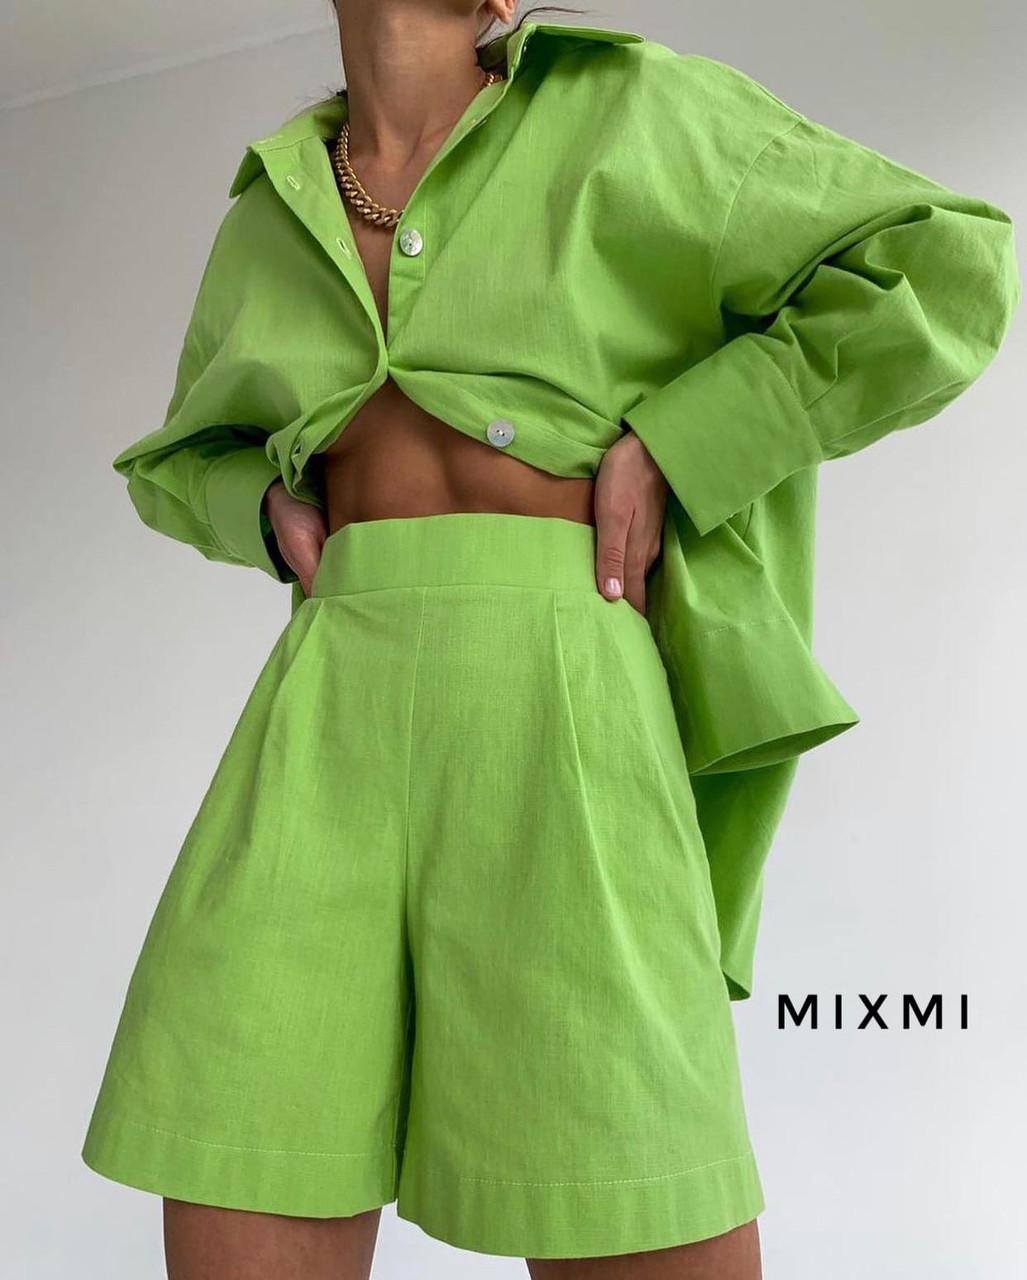 Жіночий костюм, штапель, р-р 42-44; 44-46 (зелений)